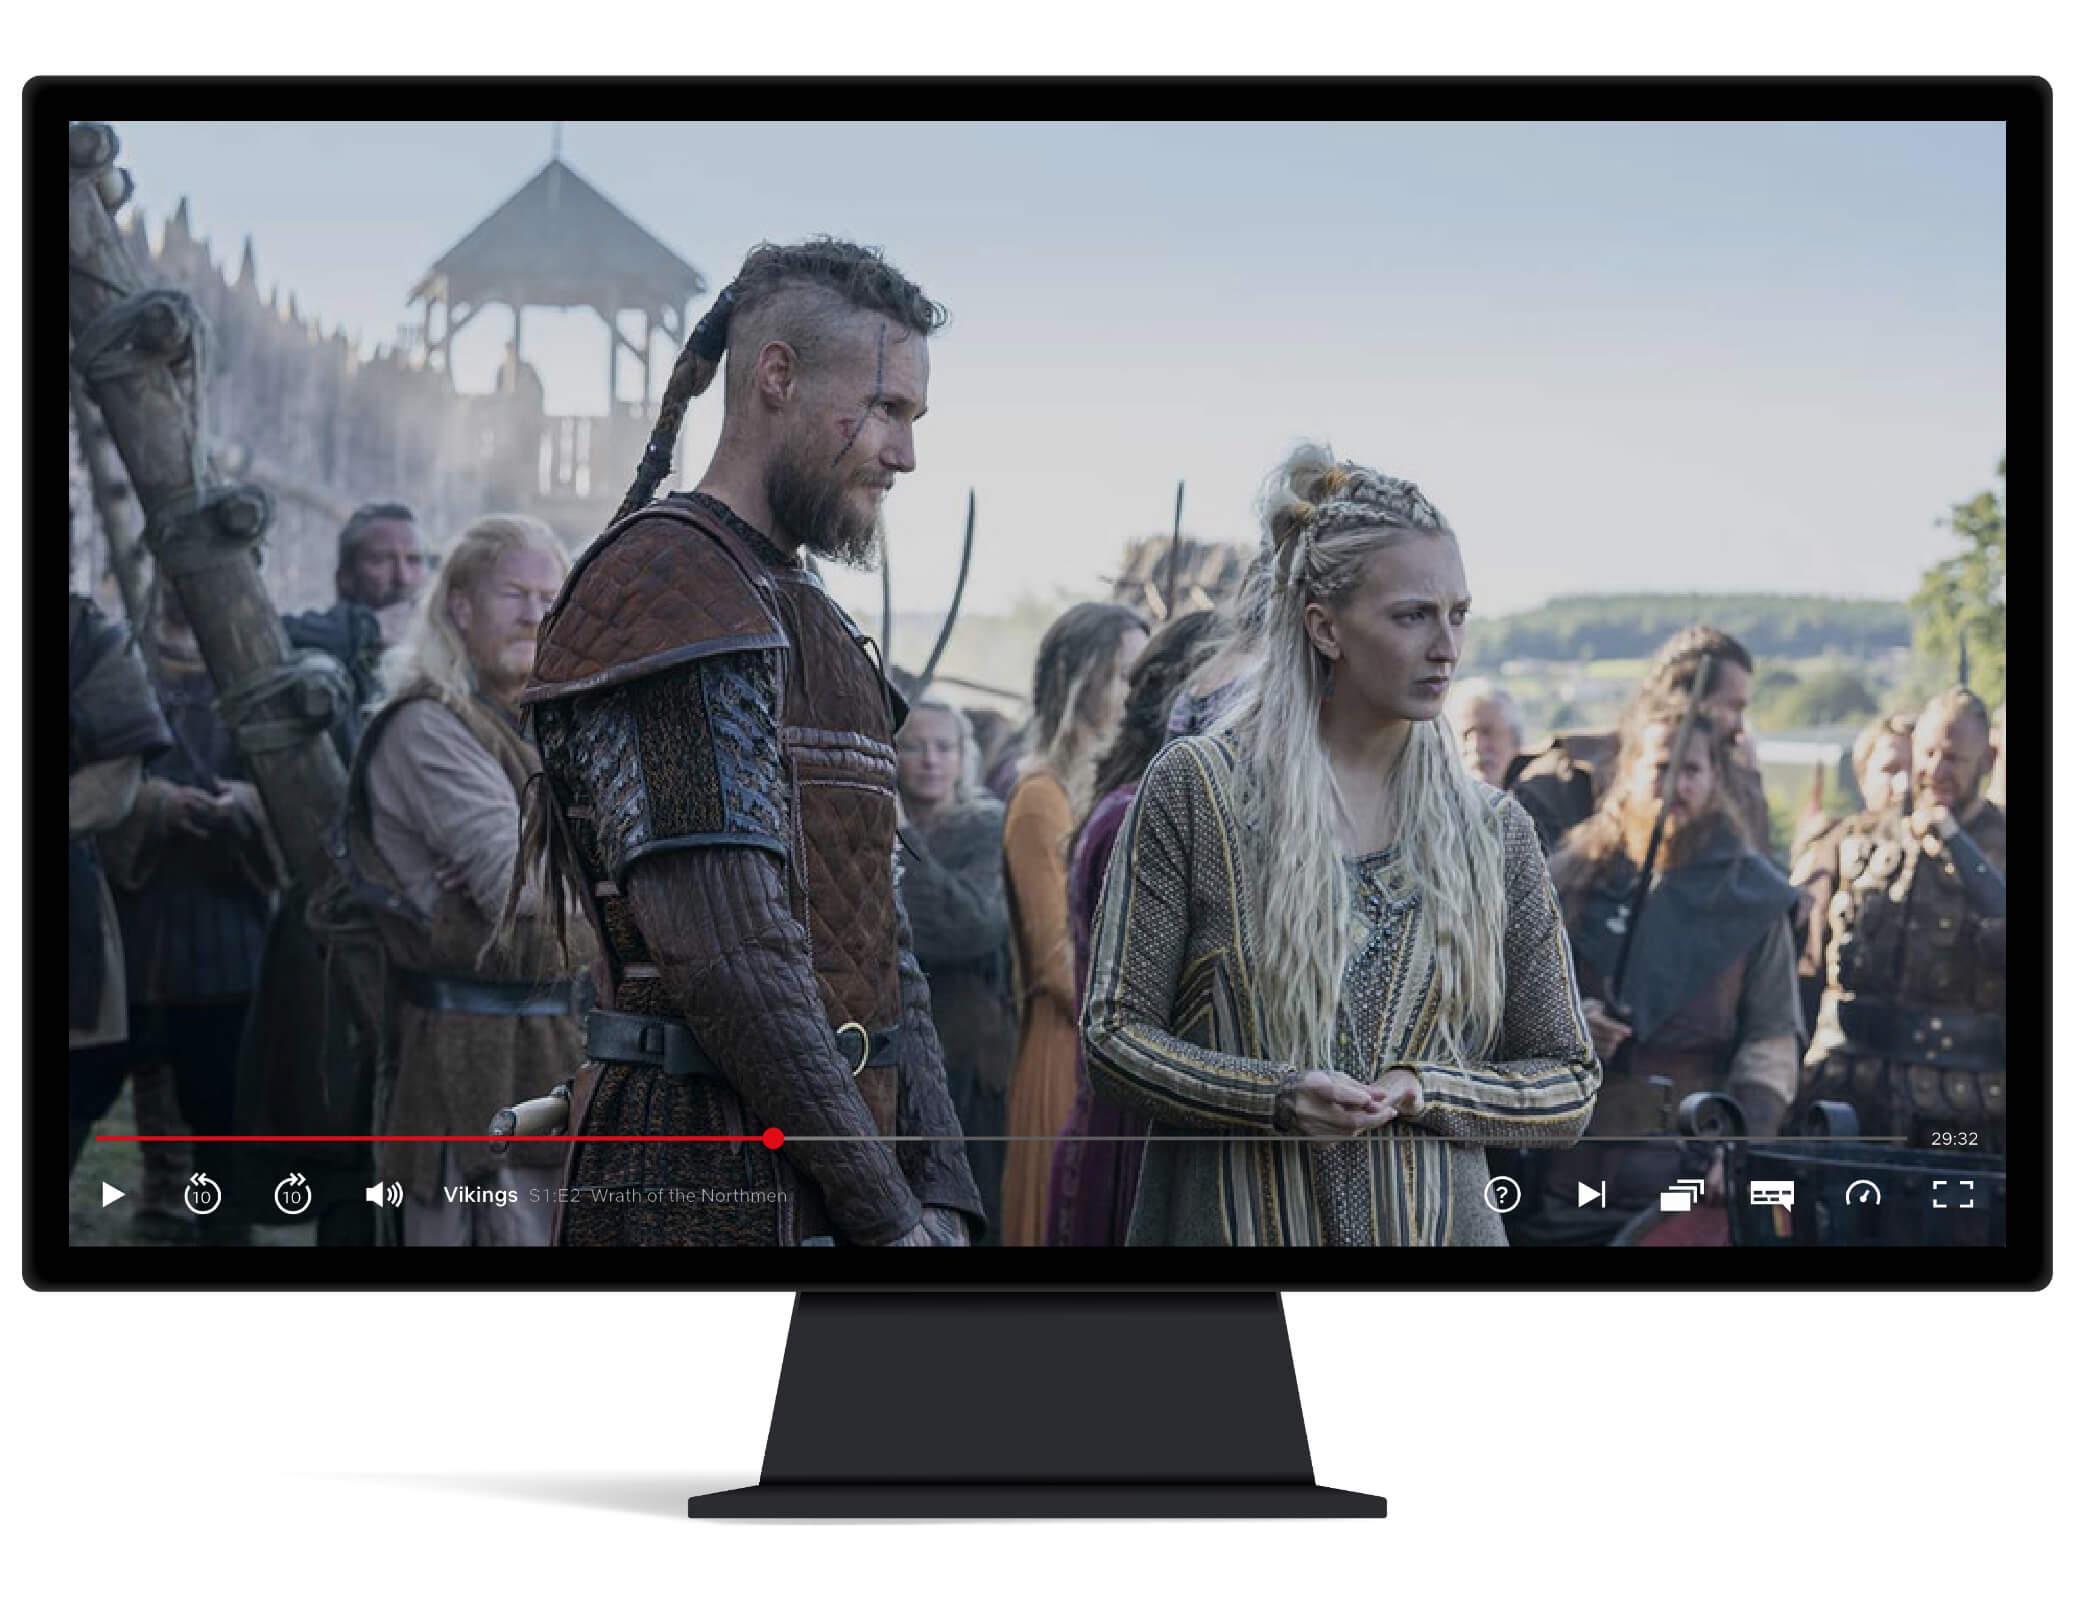 VPN for Streaming on Windows 10